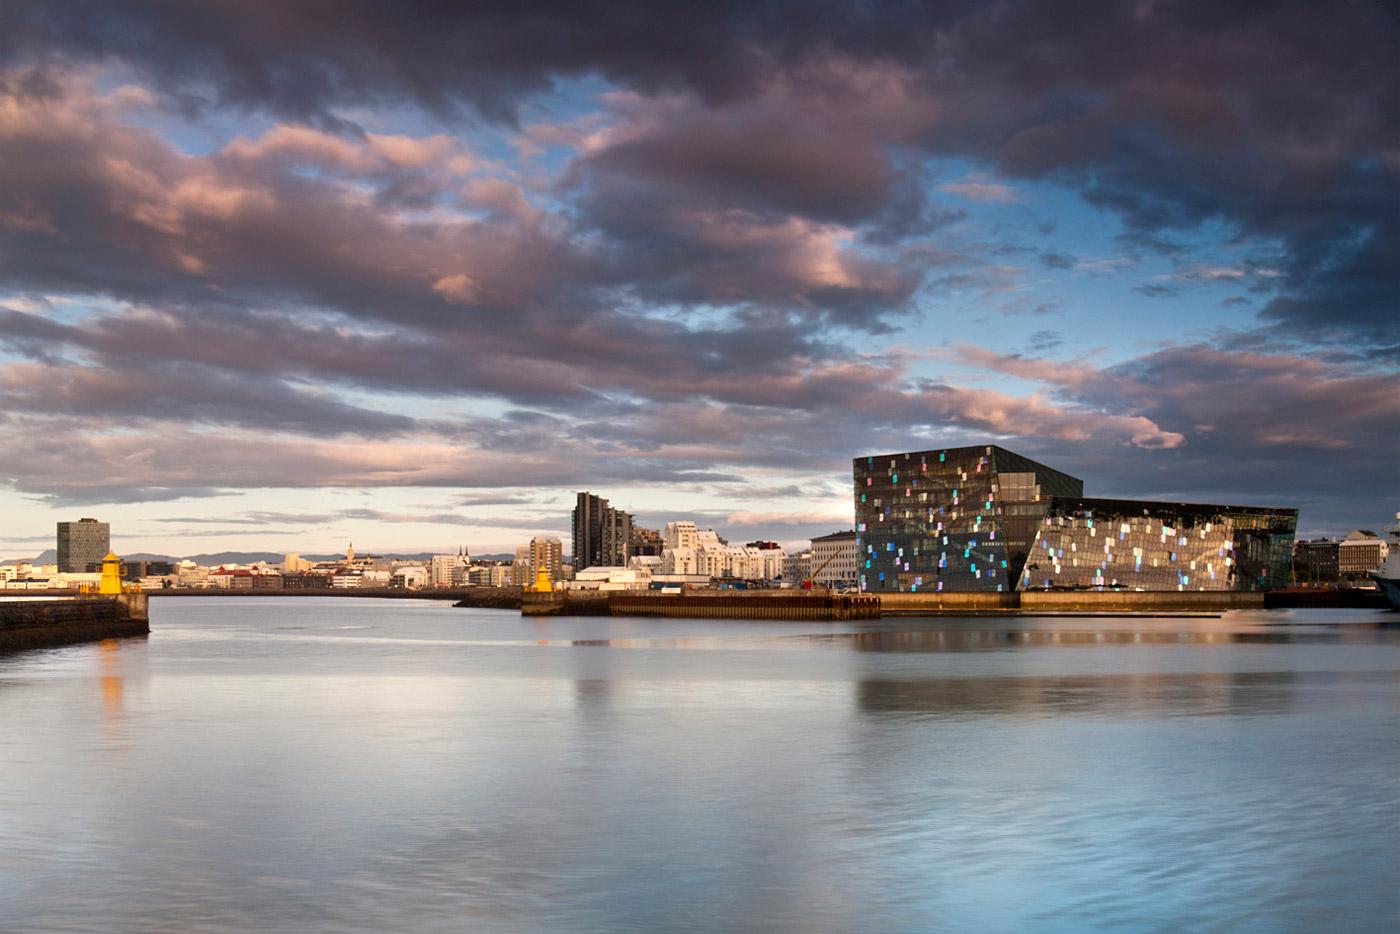 Harpa - Reykjavik Concert Hall & Conference Centre, Reykjavik, Iceland; Batteríid